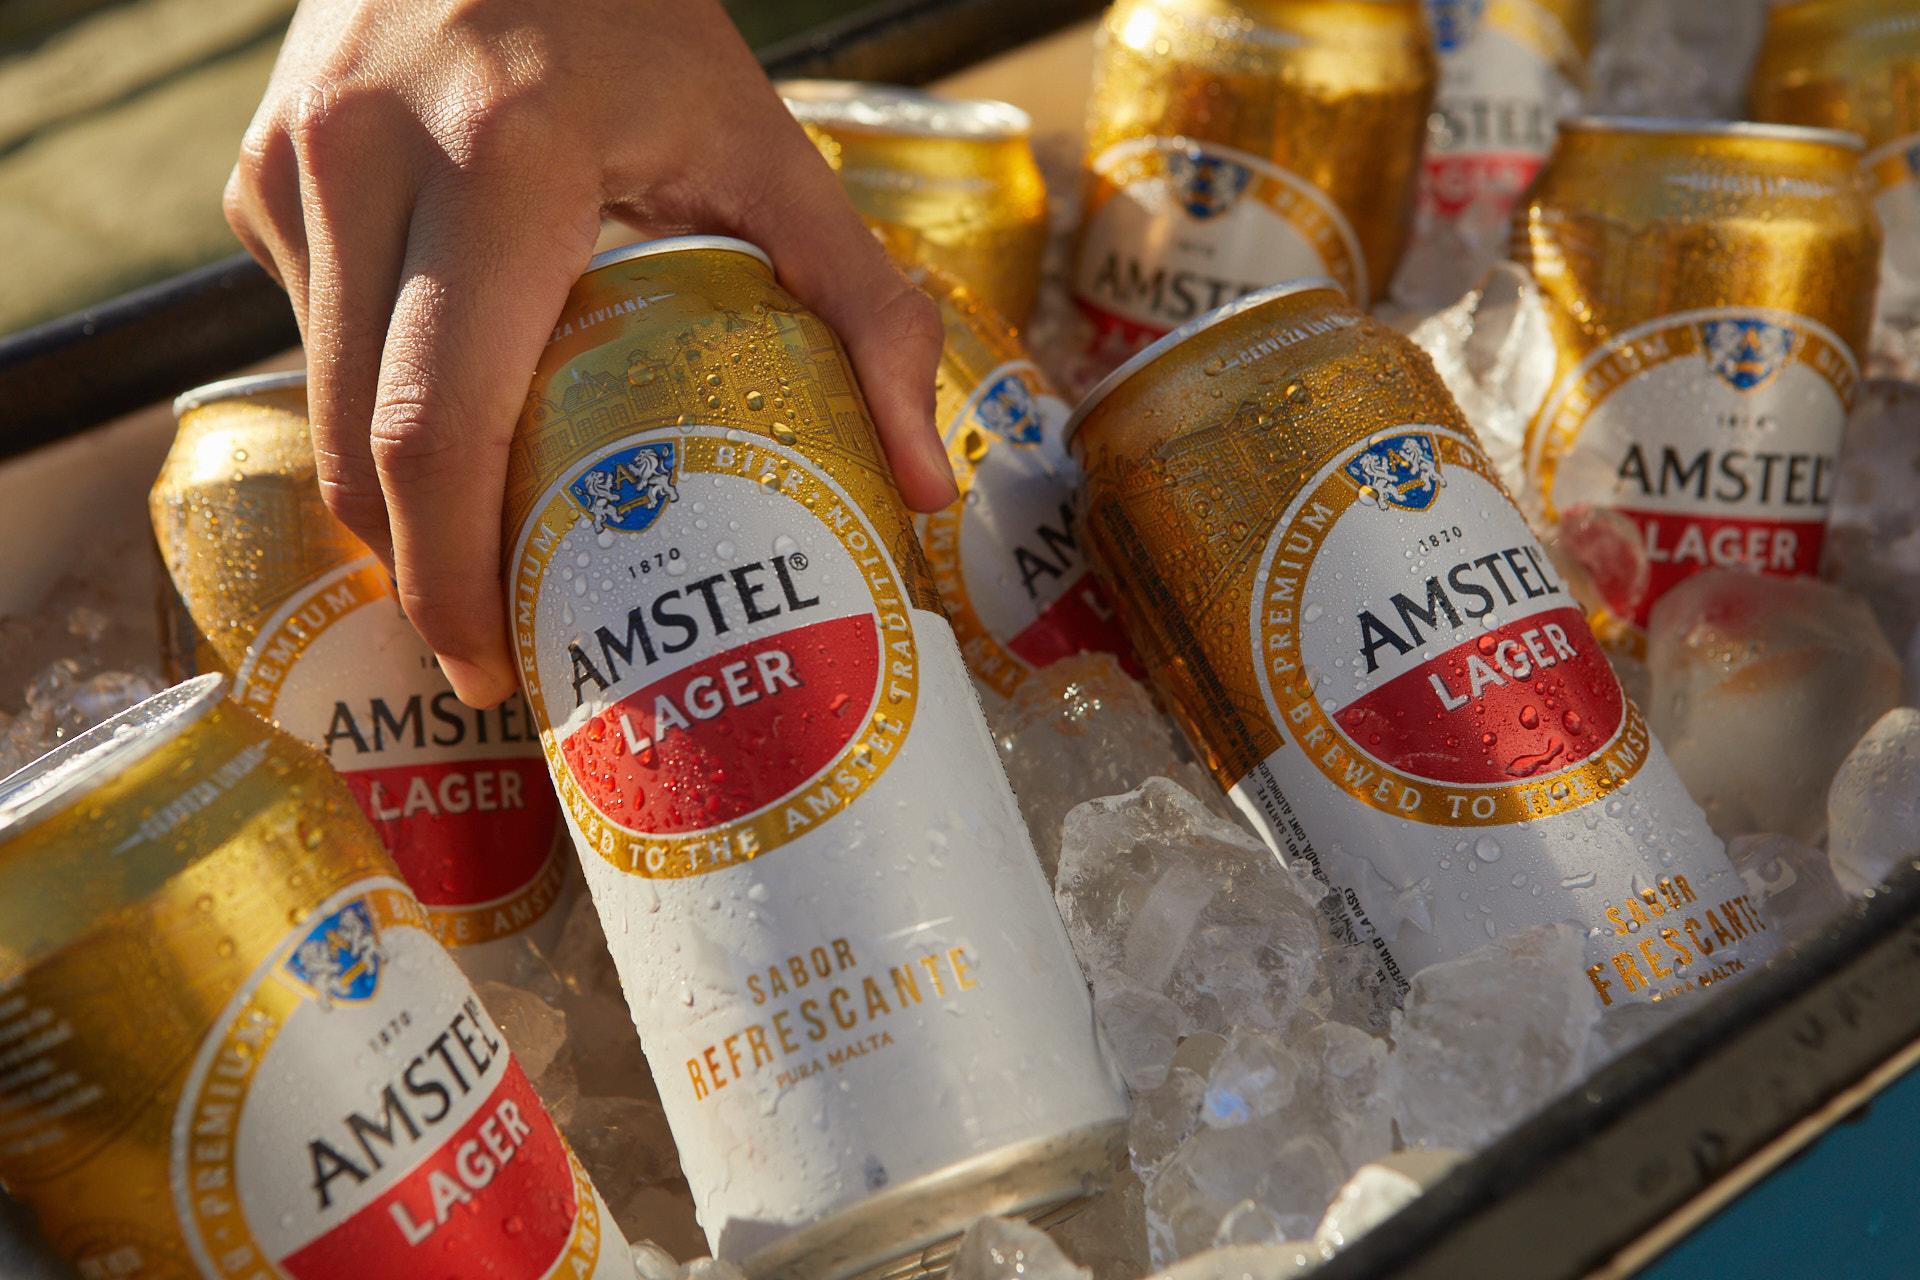 Llegó la nueva Amstel: una cerveza resfrescante para todos #NuevaAmstel